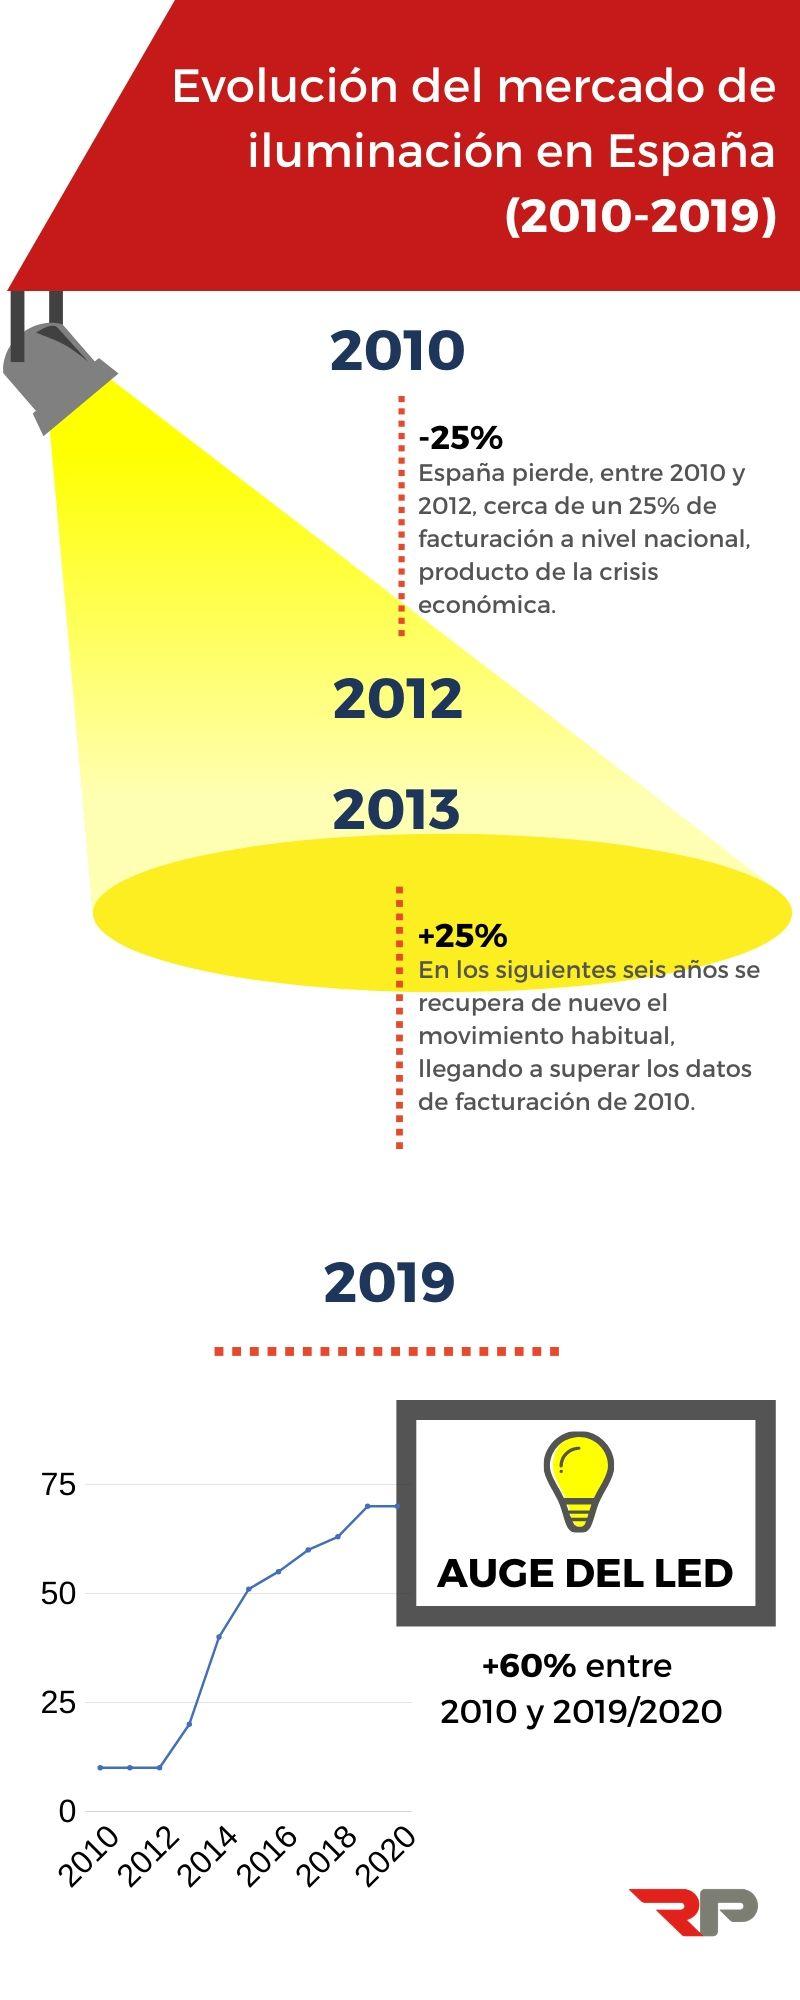 Iluminación LED España Evolución